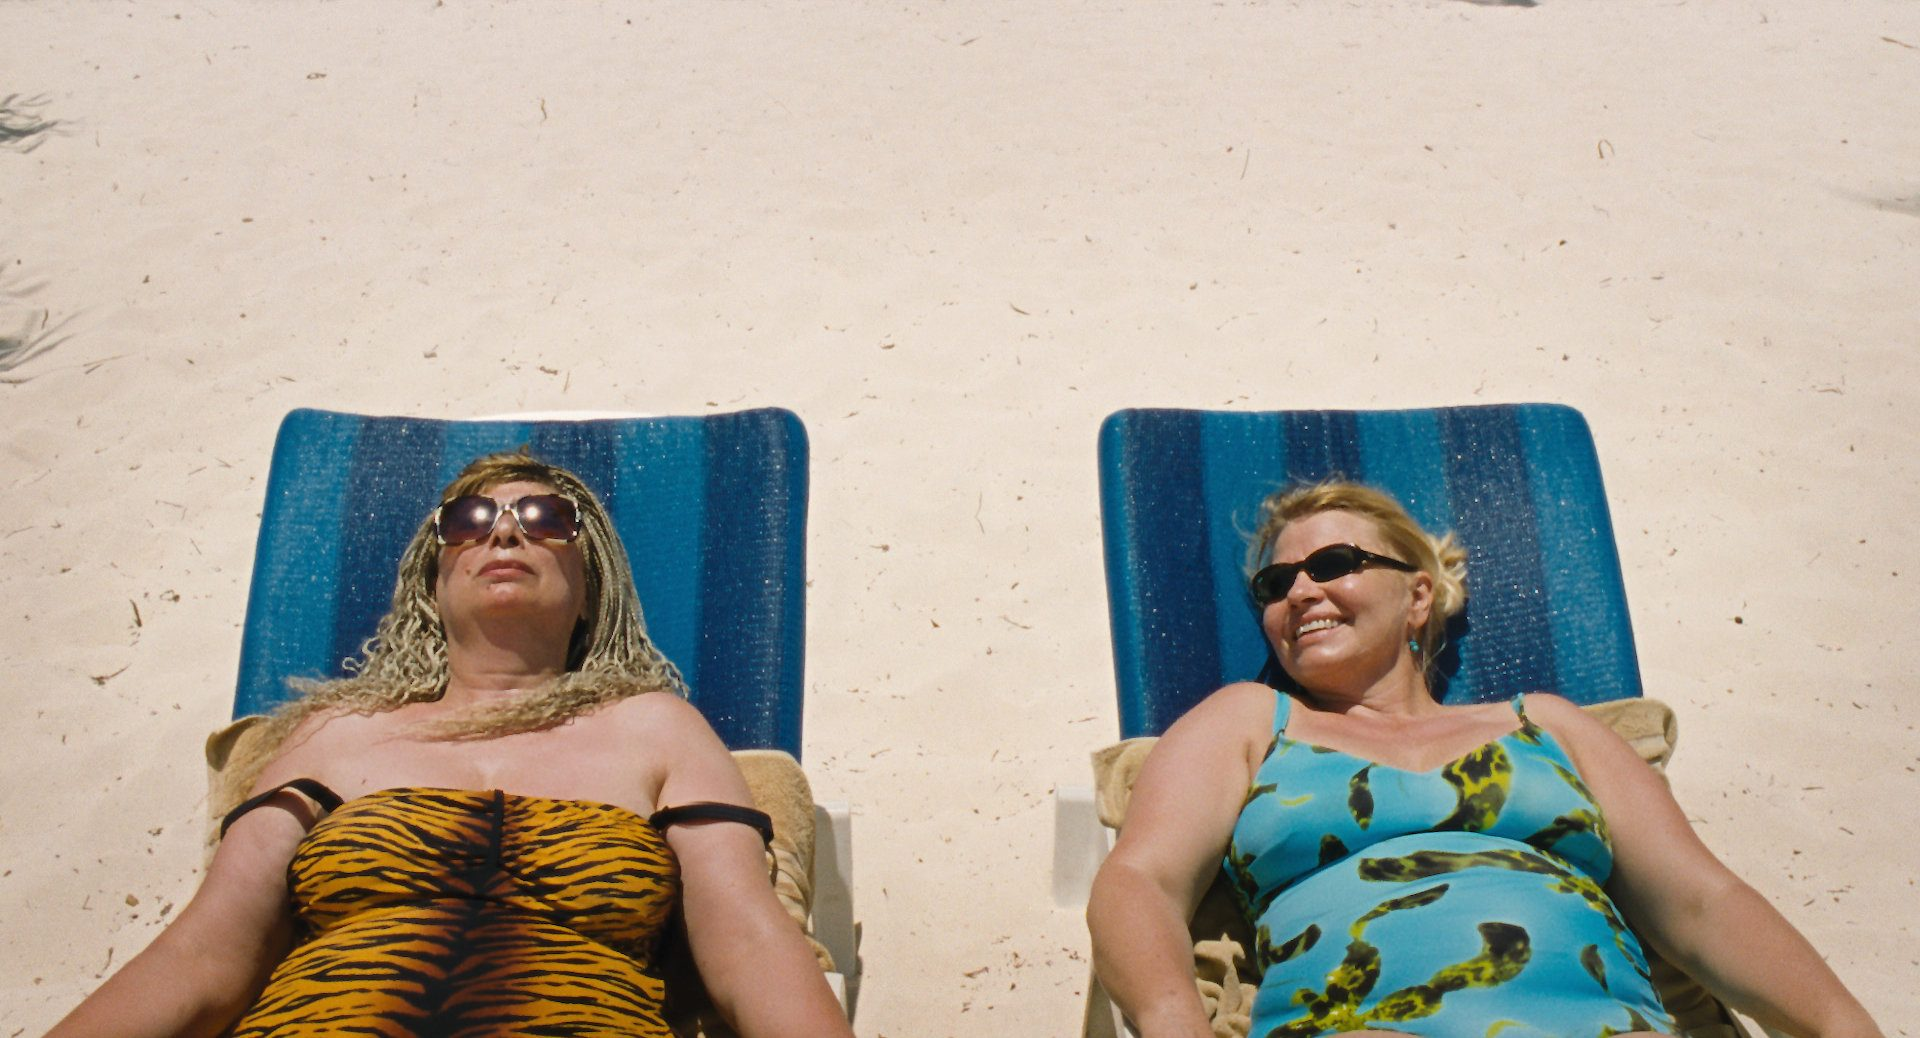 ladies suntanning in Paradise: Love